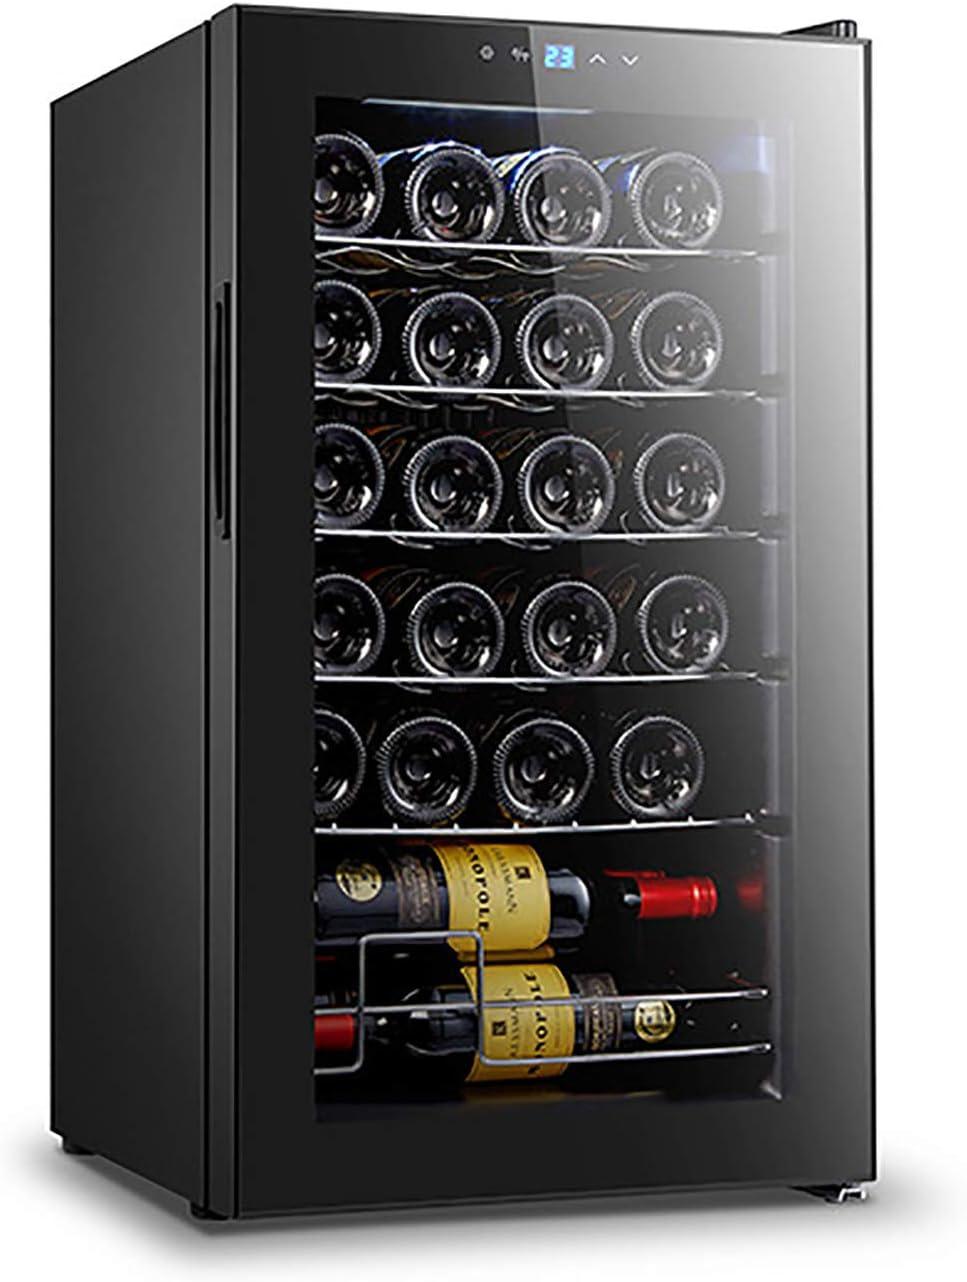 CLING Enfriador de Vino Refrigerador 24 Botellas de Doble Zona Integrado o Independiente con Aspecto Moderno Sistema de enfriamiento rápido y silencioso Puerta de Vidrio Templado de Doble Capa